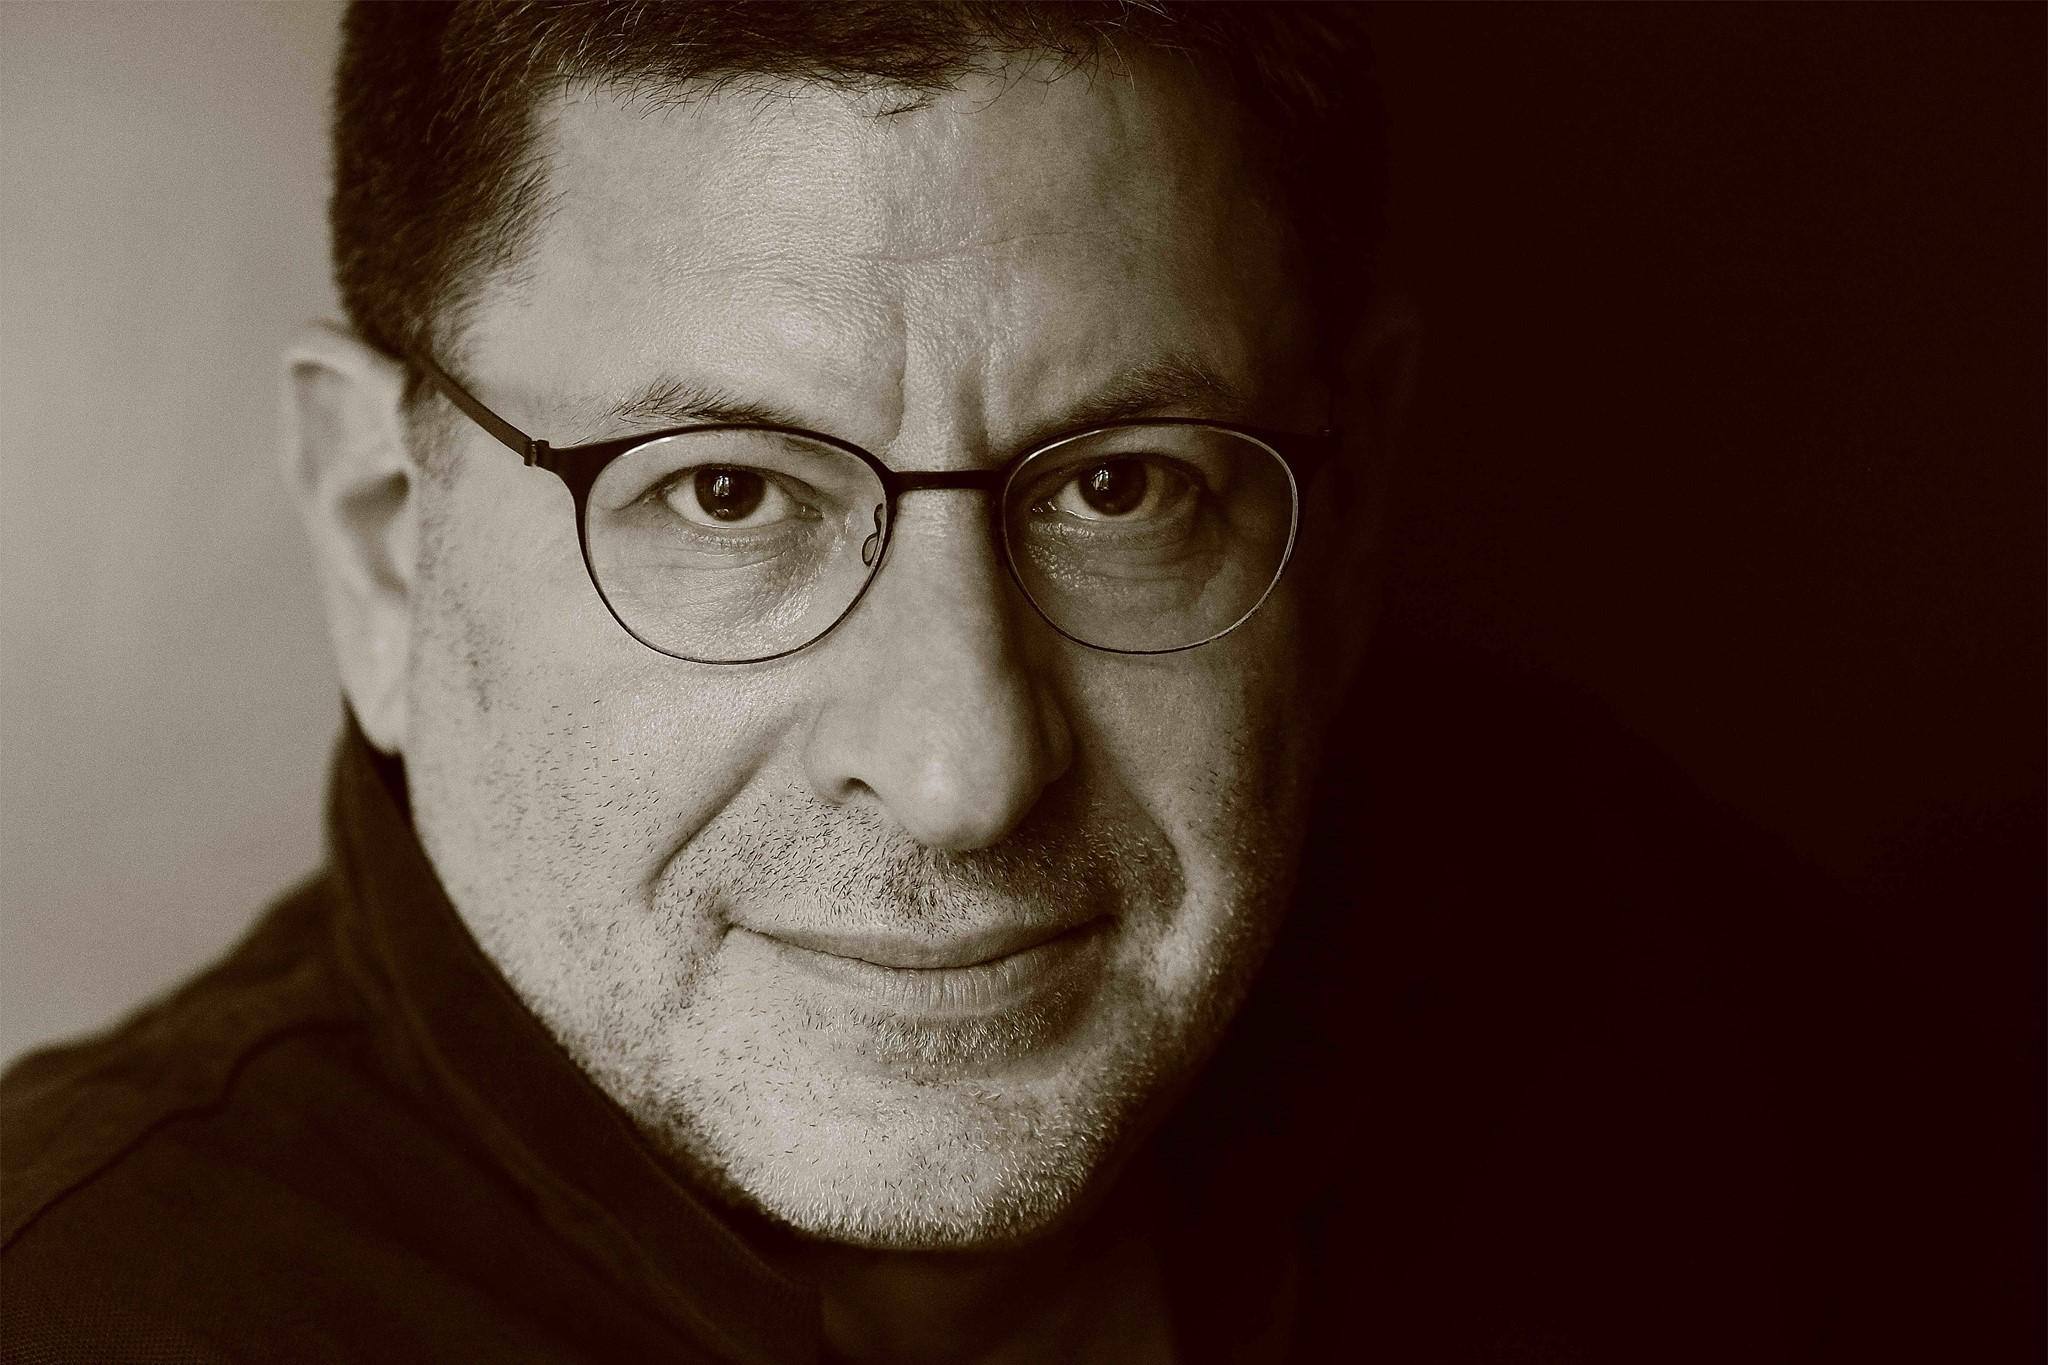 Михаил Лабковский: «Вы не можете никого воспитать, это иллюзия»